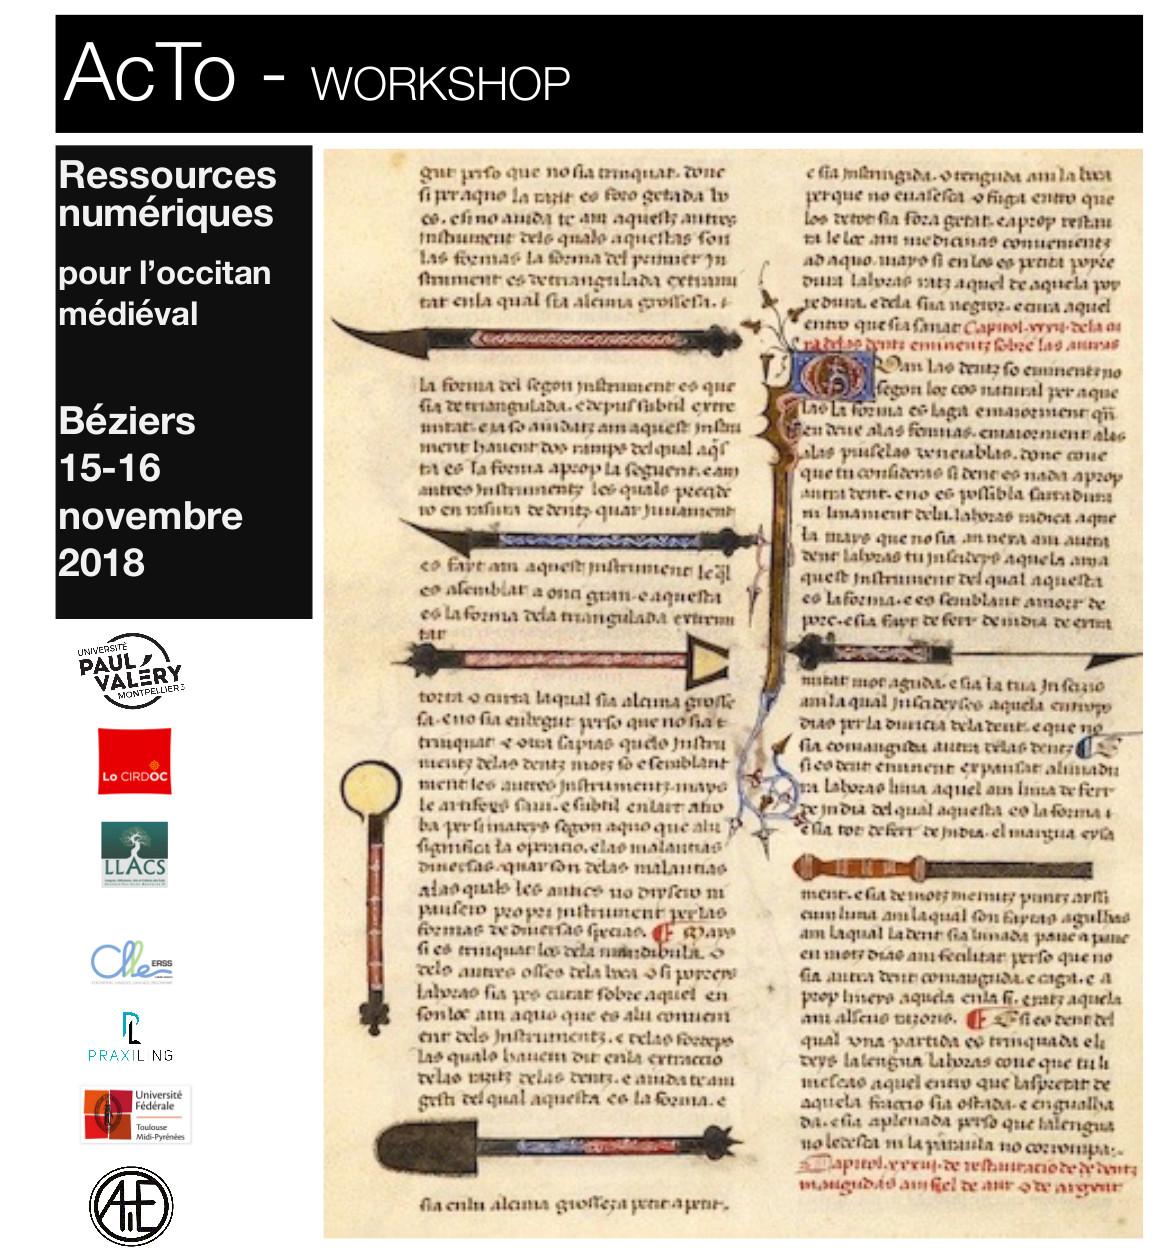 Workshop AcTo Béziers  15-16 novembre 2018 au CIRDOC